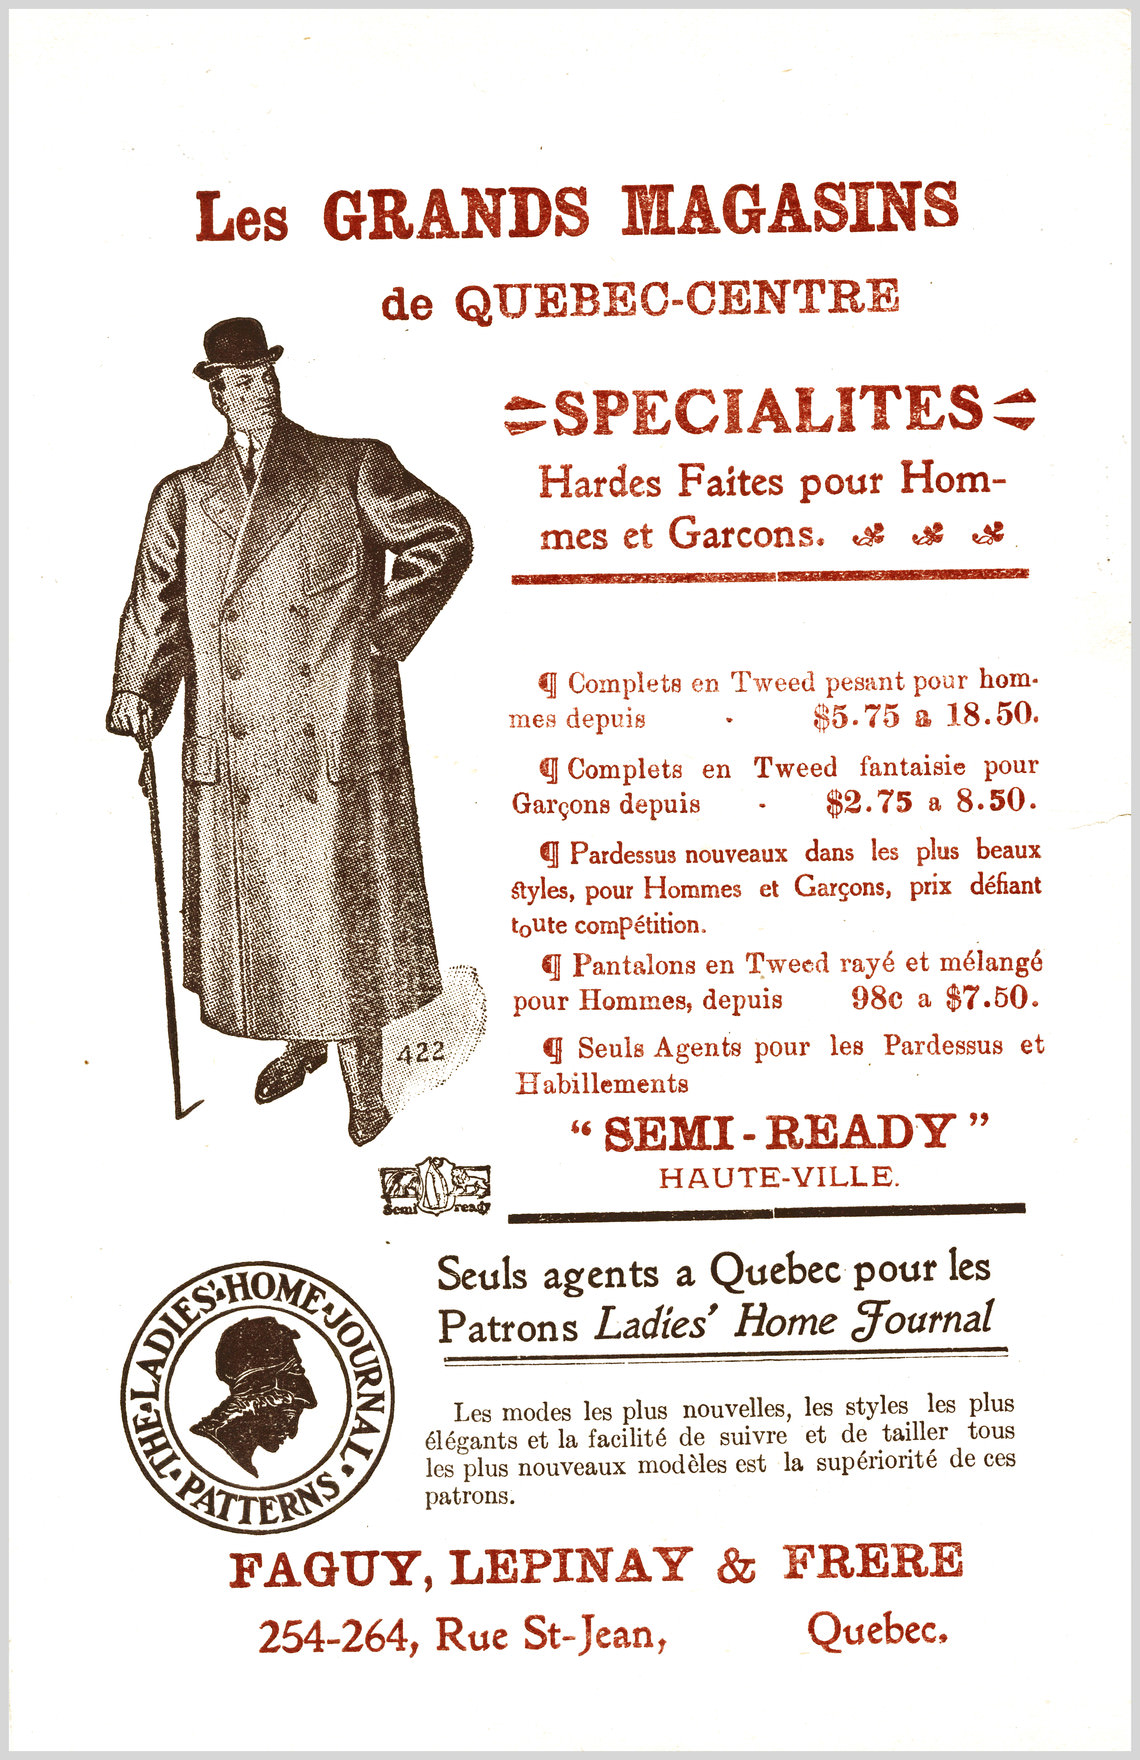 - Publicité No. 2 (Faguy, Lepinay & Frère)